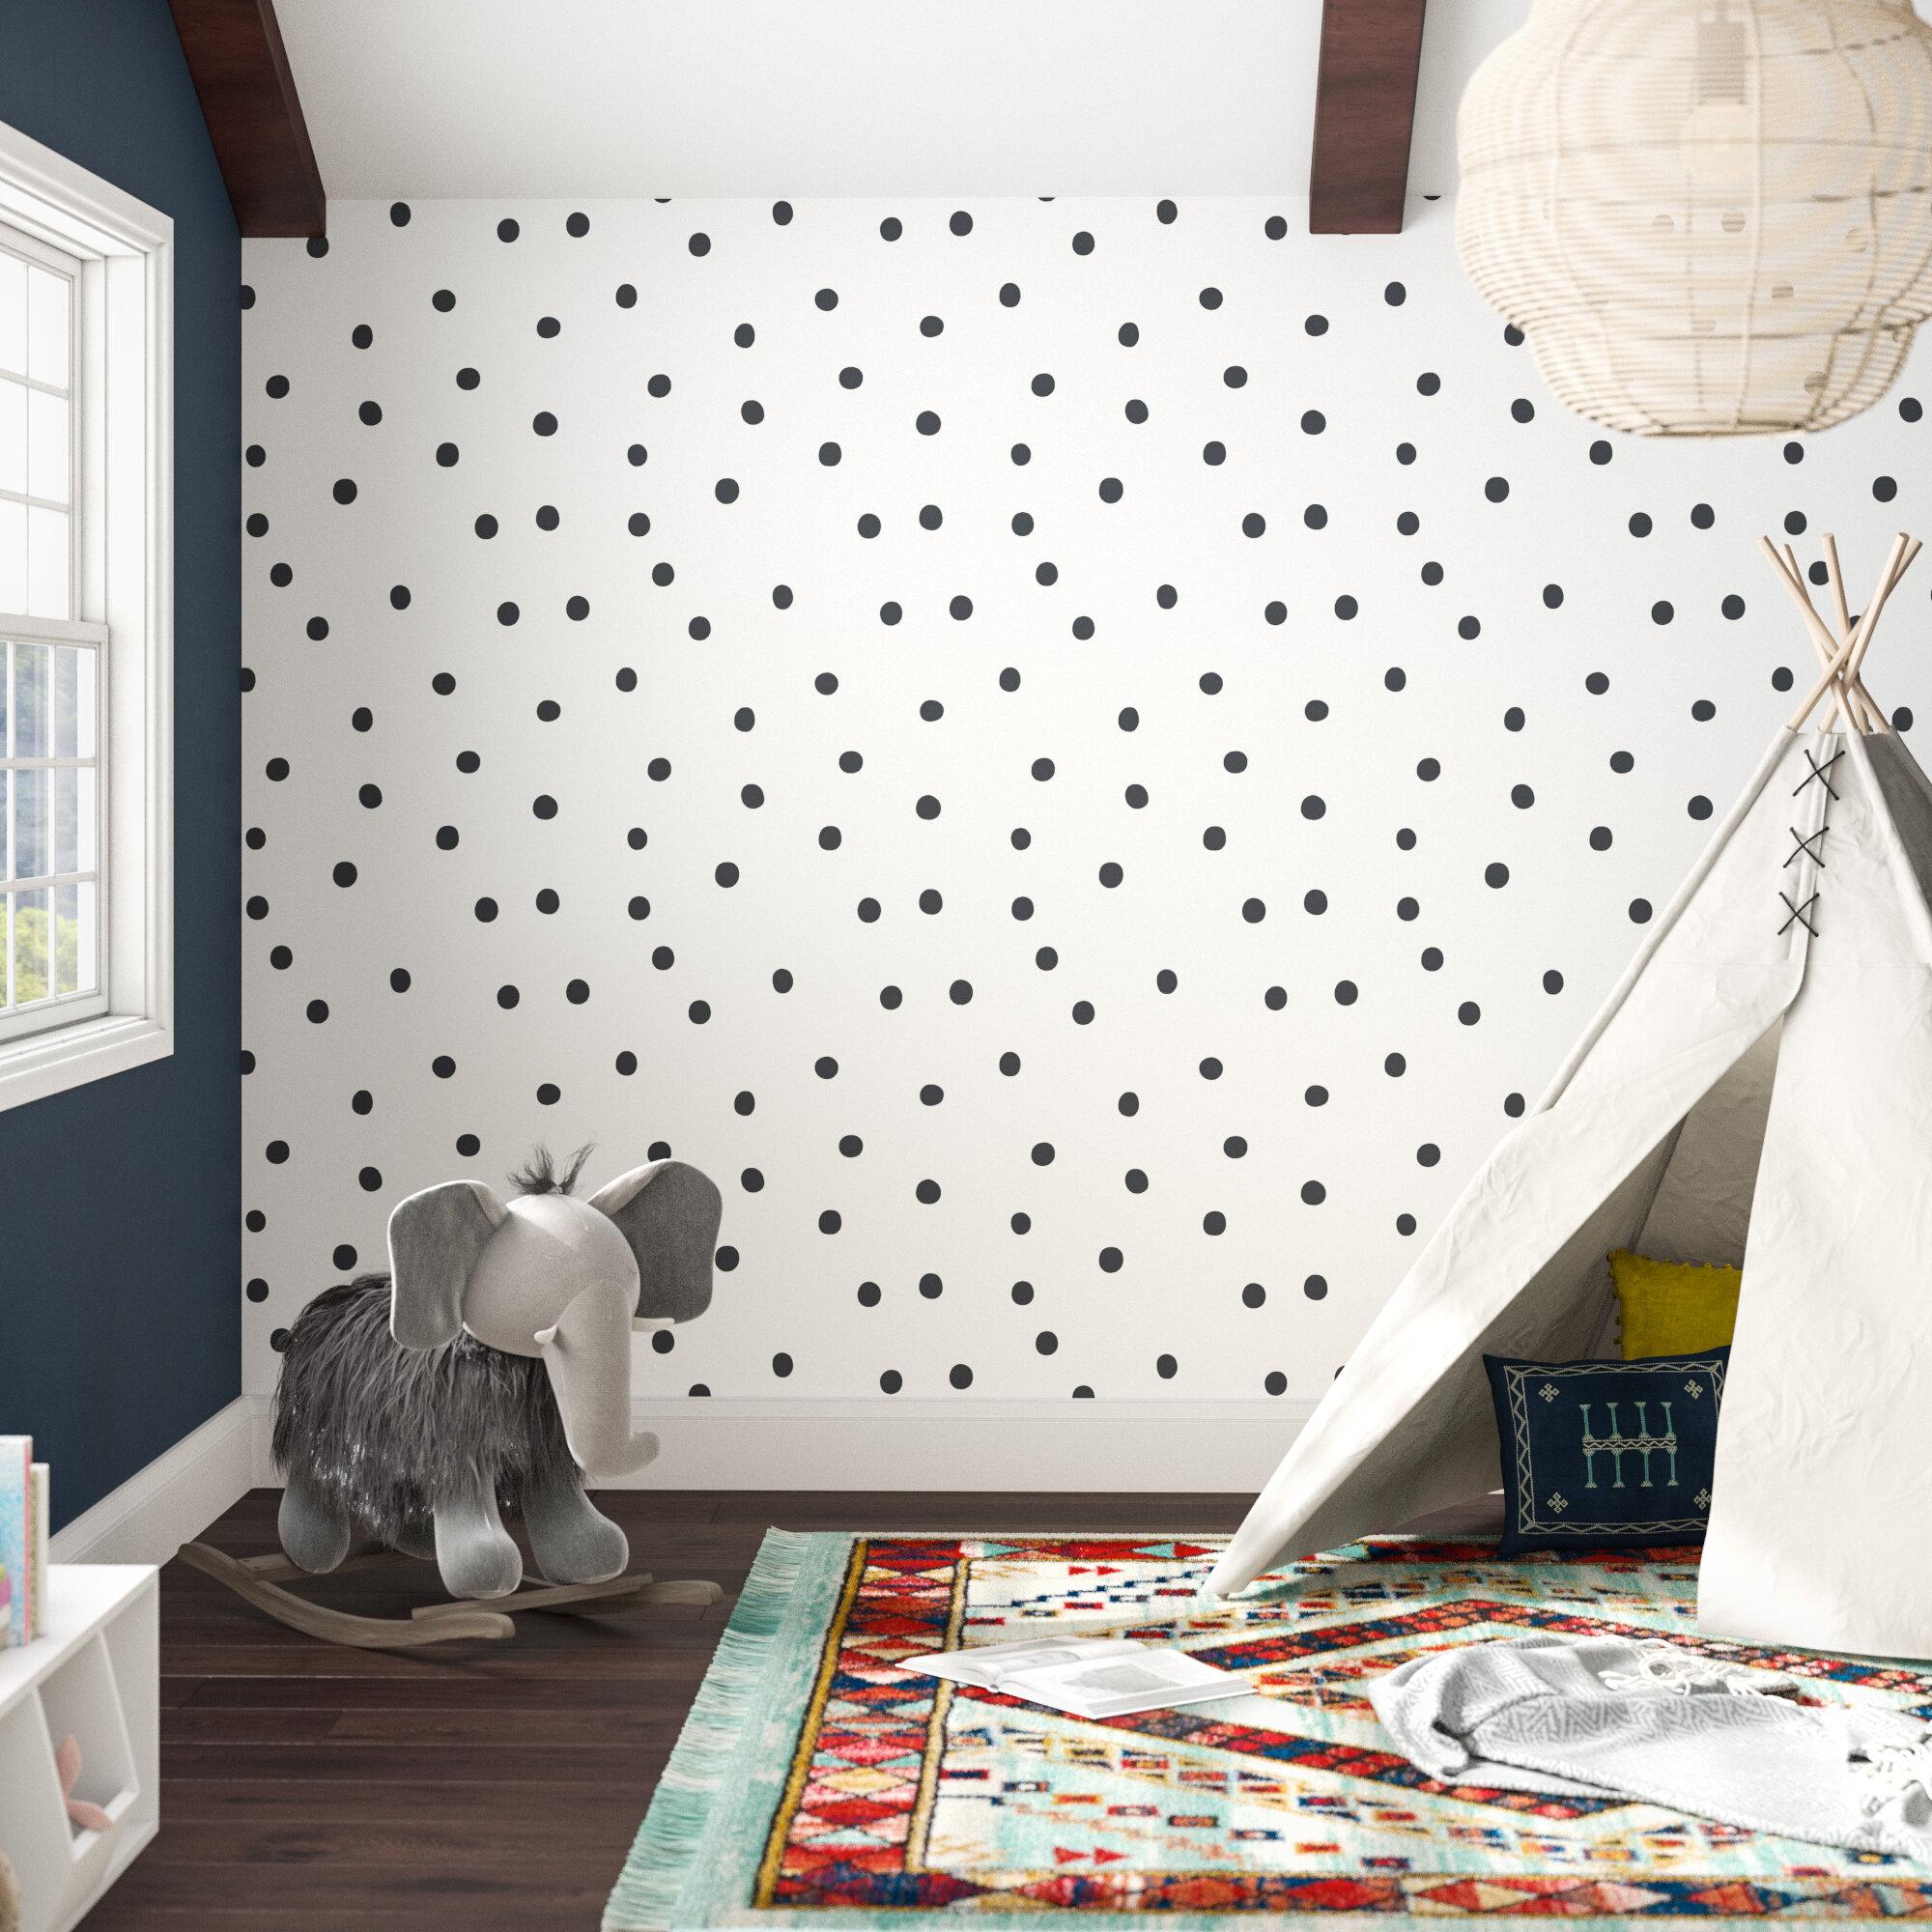 akil 165 l x 205 w peel and stick wallpaper roll